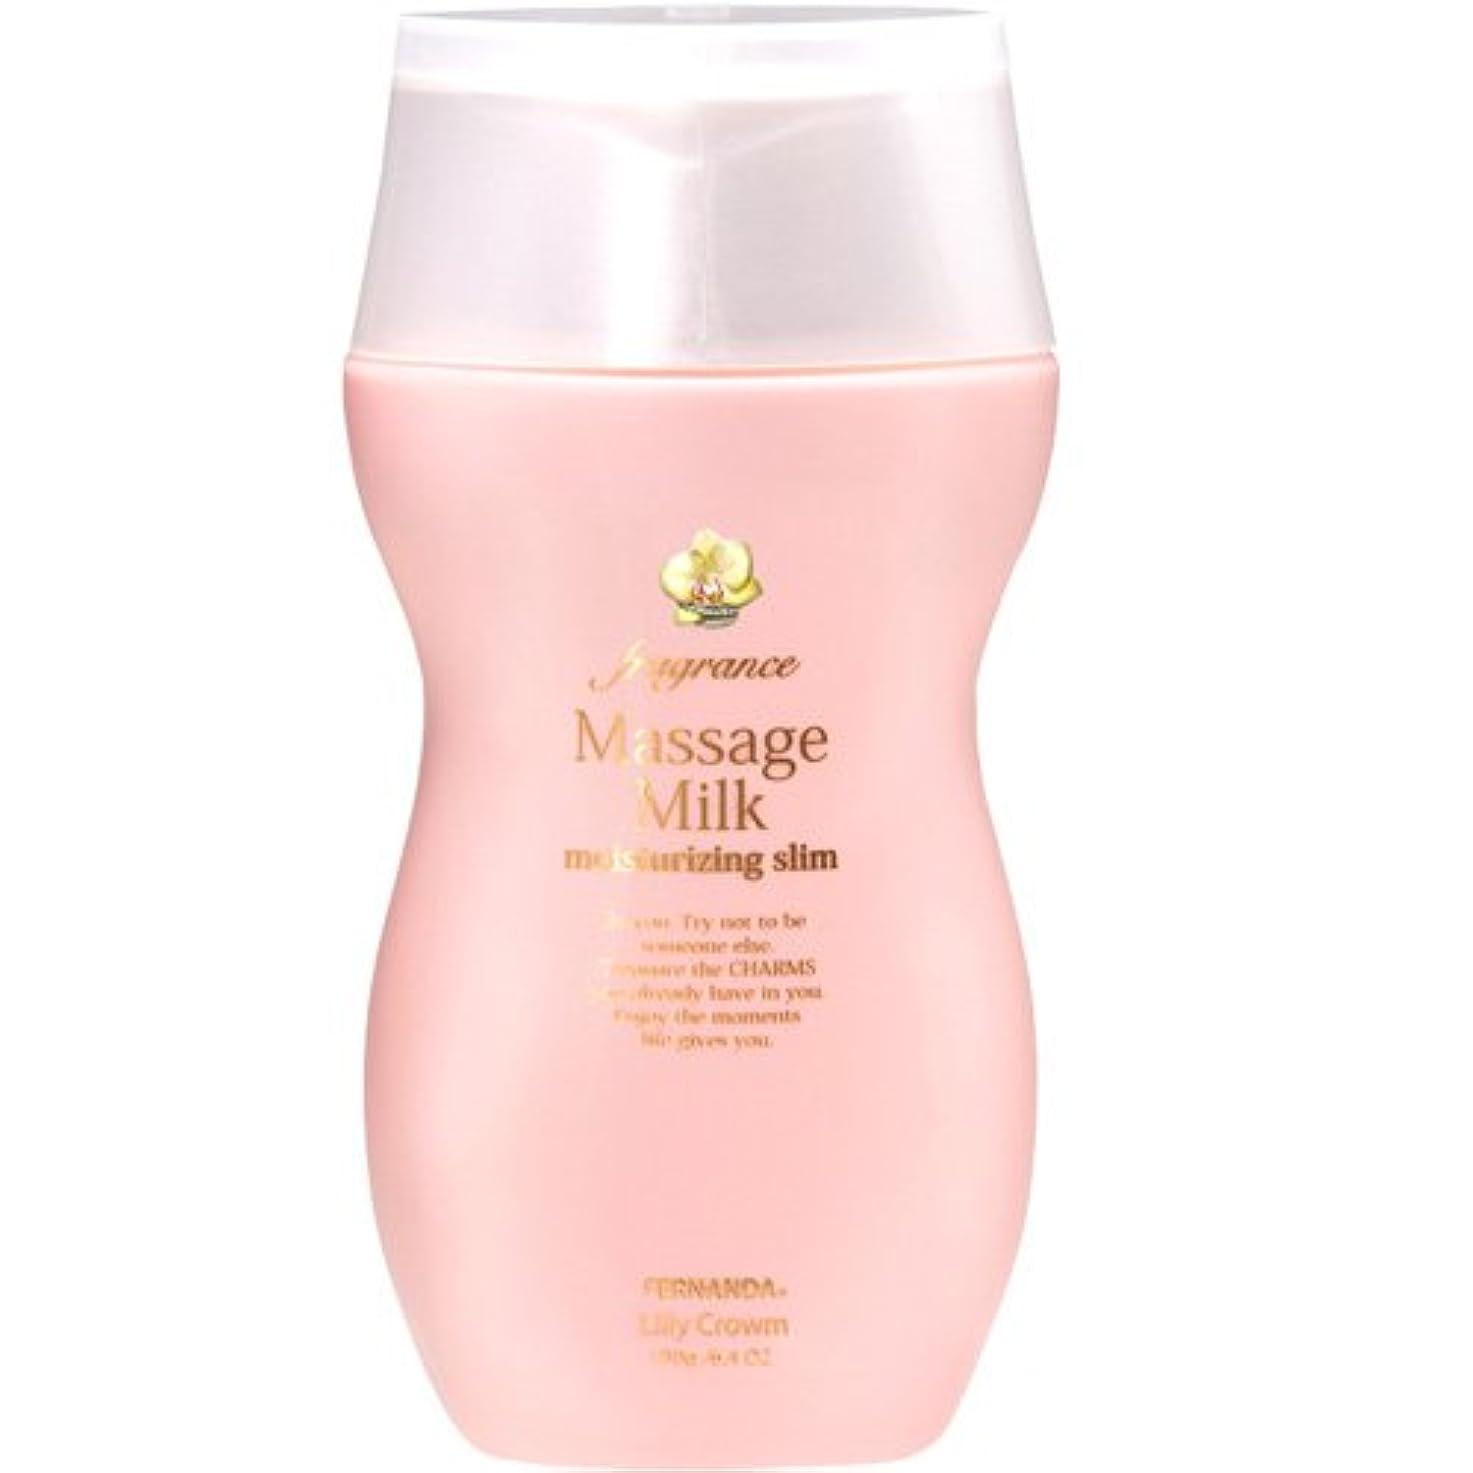 映画外向き威するFERNANDA(フェルナンダ) Massage Milk Lilly Crown (マッサージミルク リリークラウン)